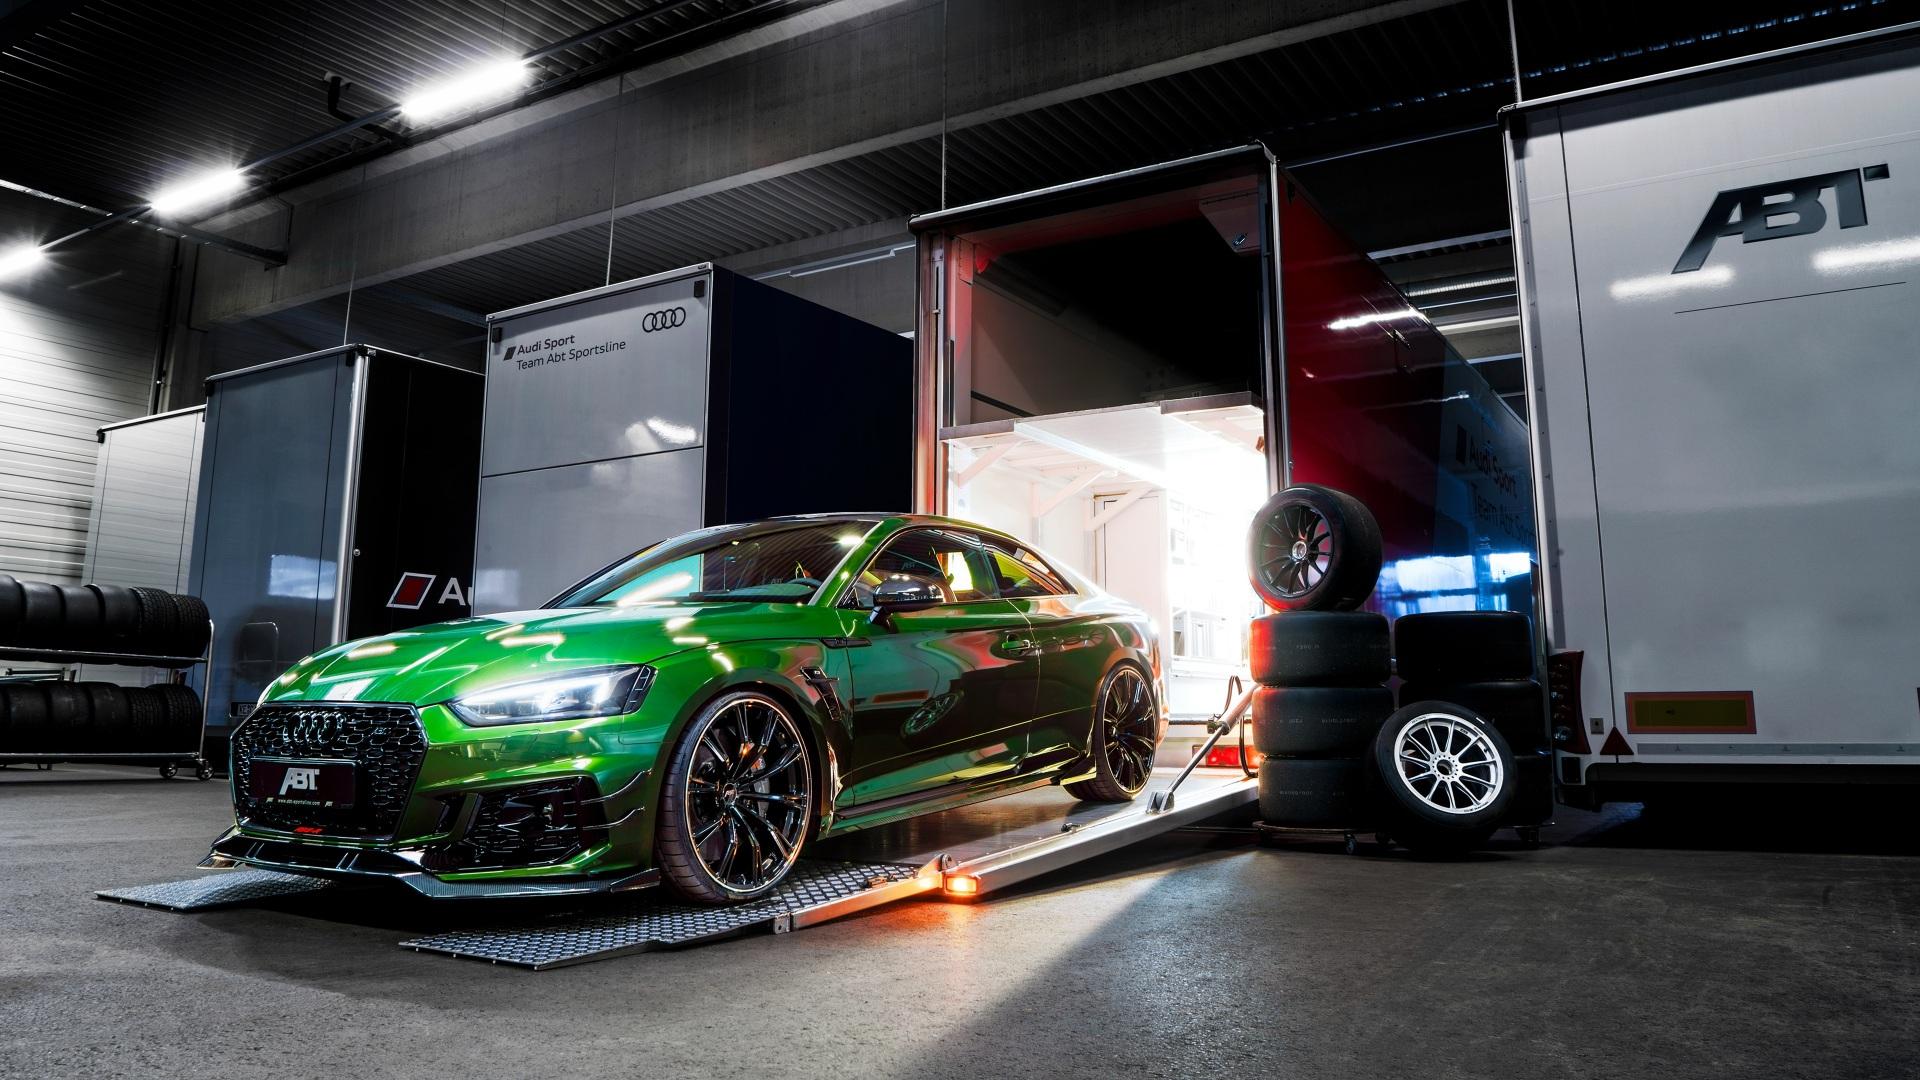 Fondos De Pantalla 1920x1080 Audi Rs5 2018 Rs5 R Abt Verde